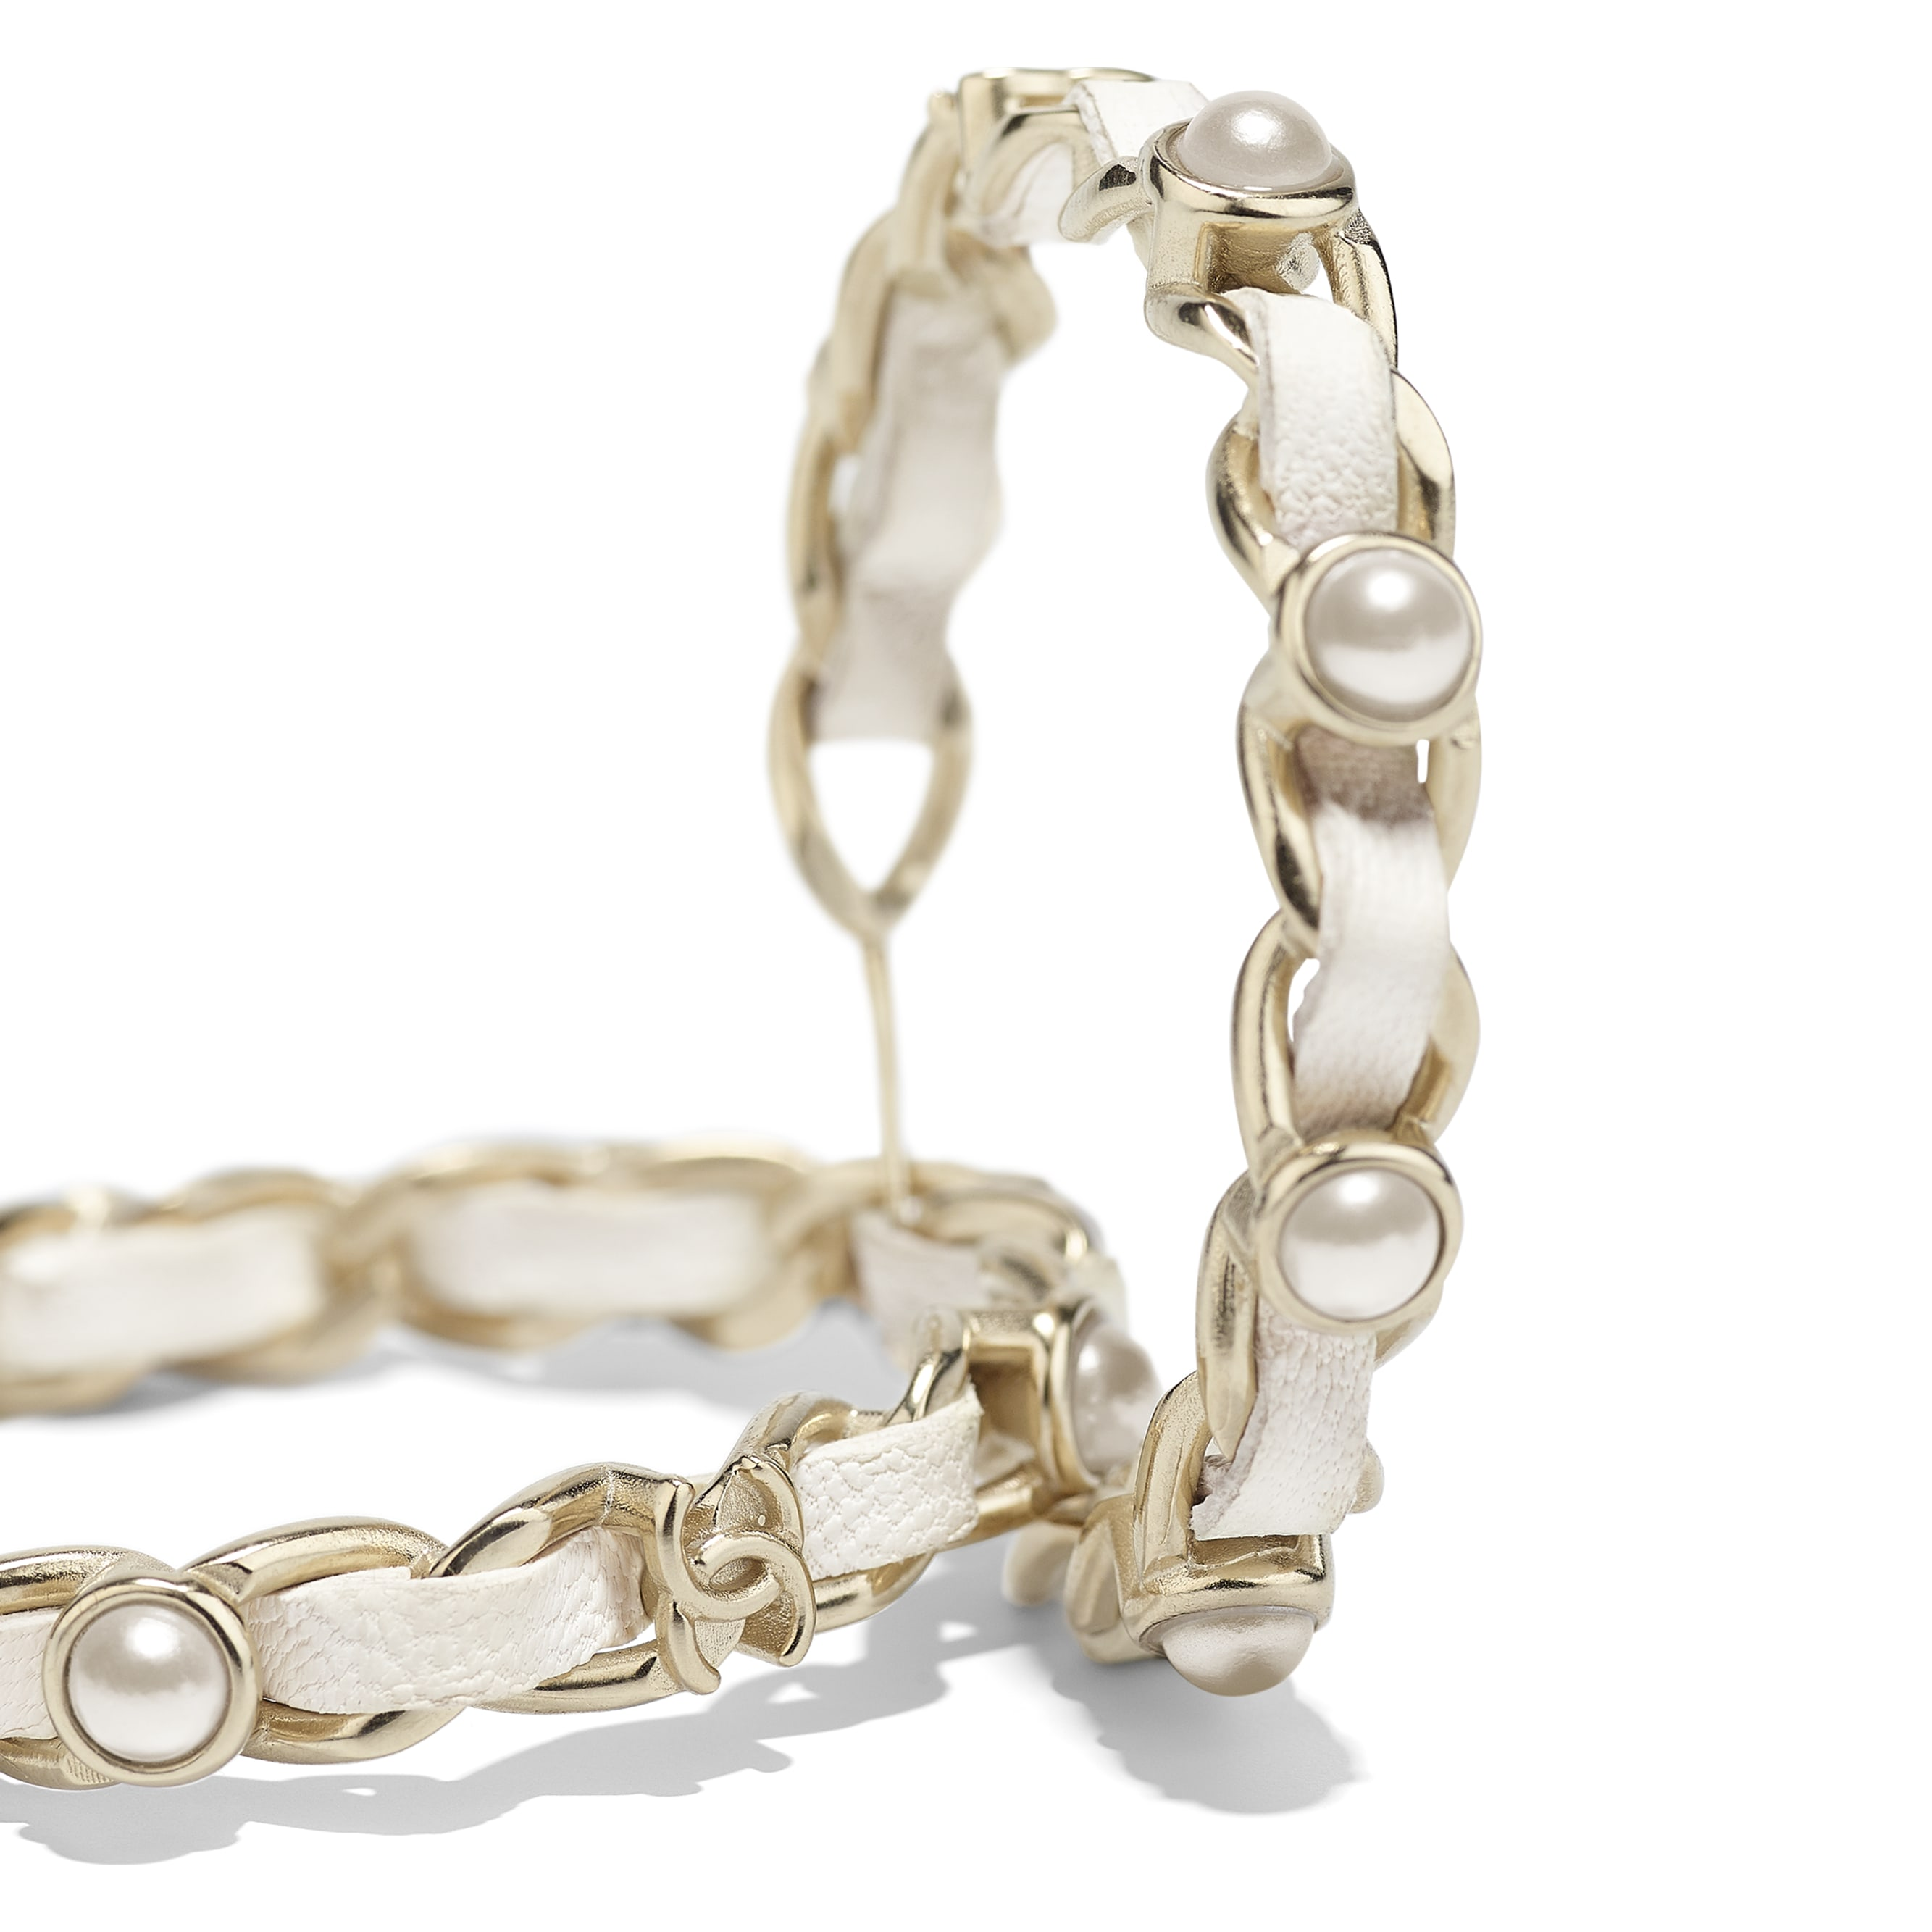 Серьги - Золотистый и белый - Металл, кожа ягненка и фантазийный жемчуг - Альтернативный вид - посмотреть изображение стандартного размера